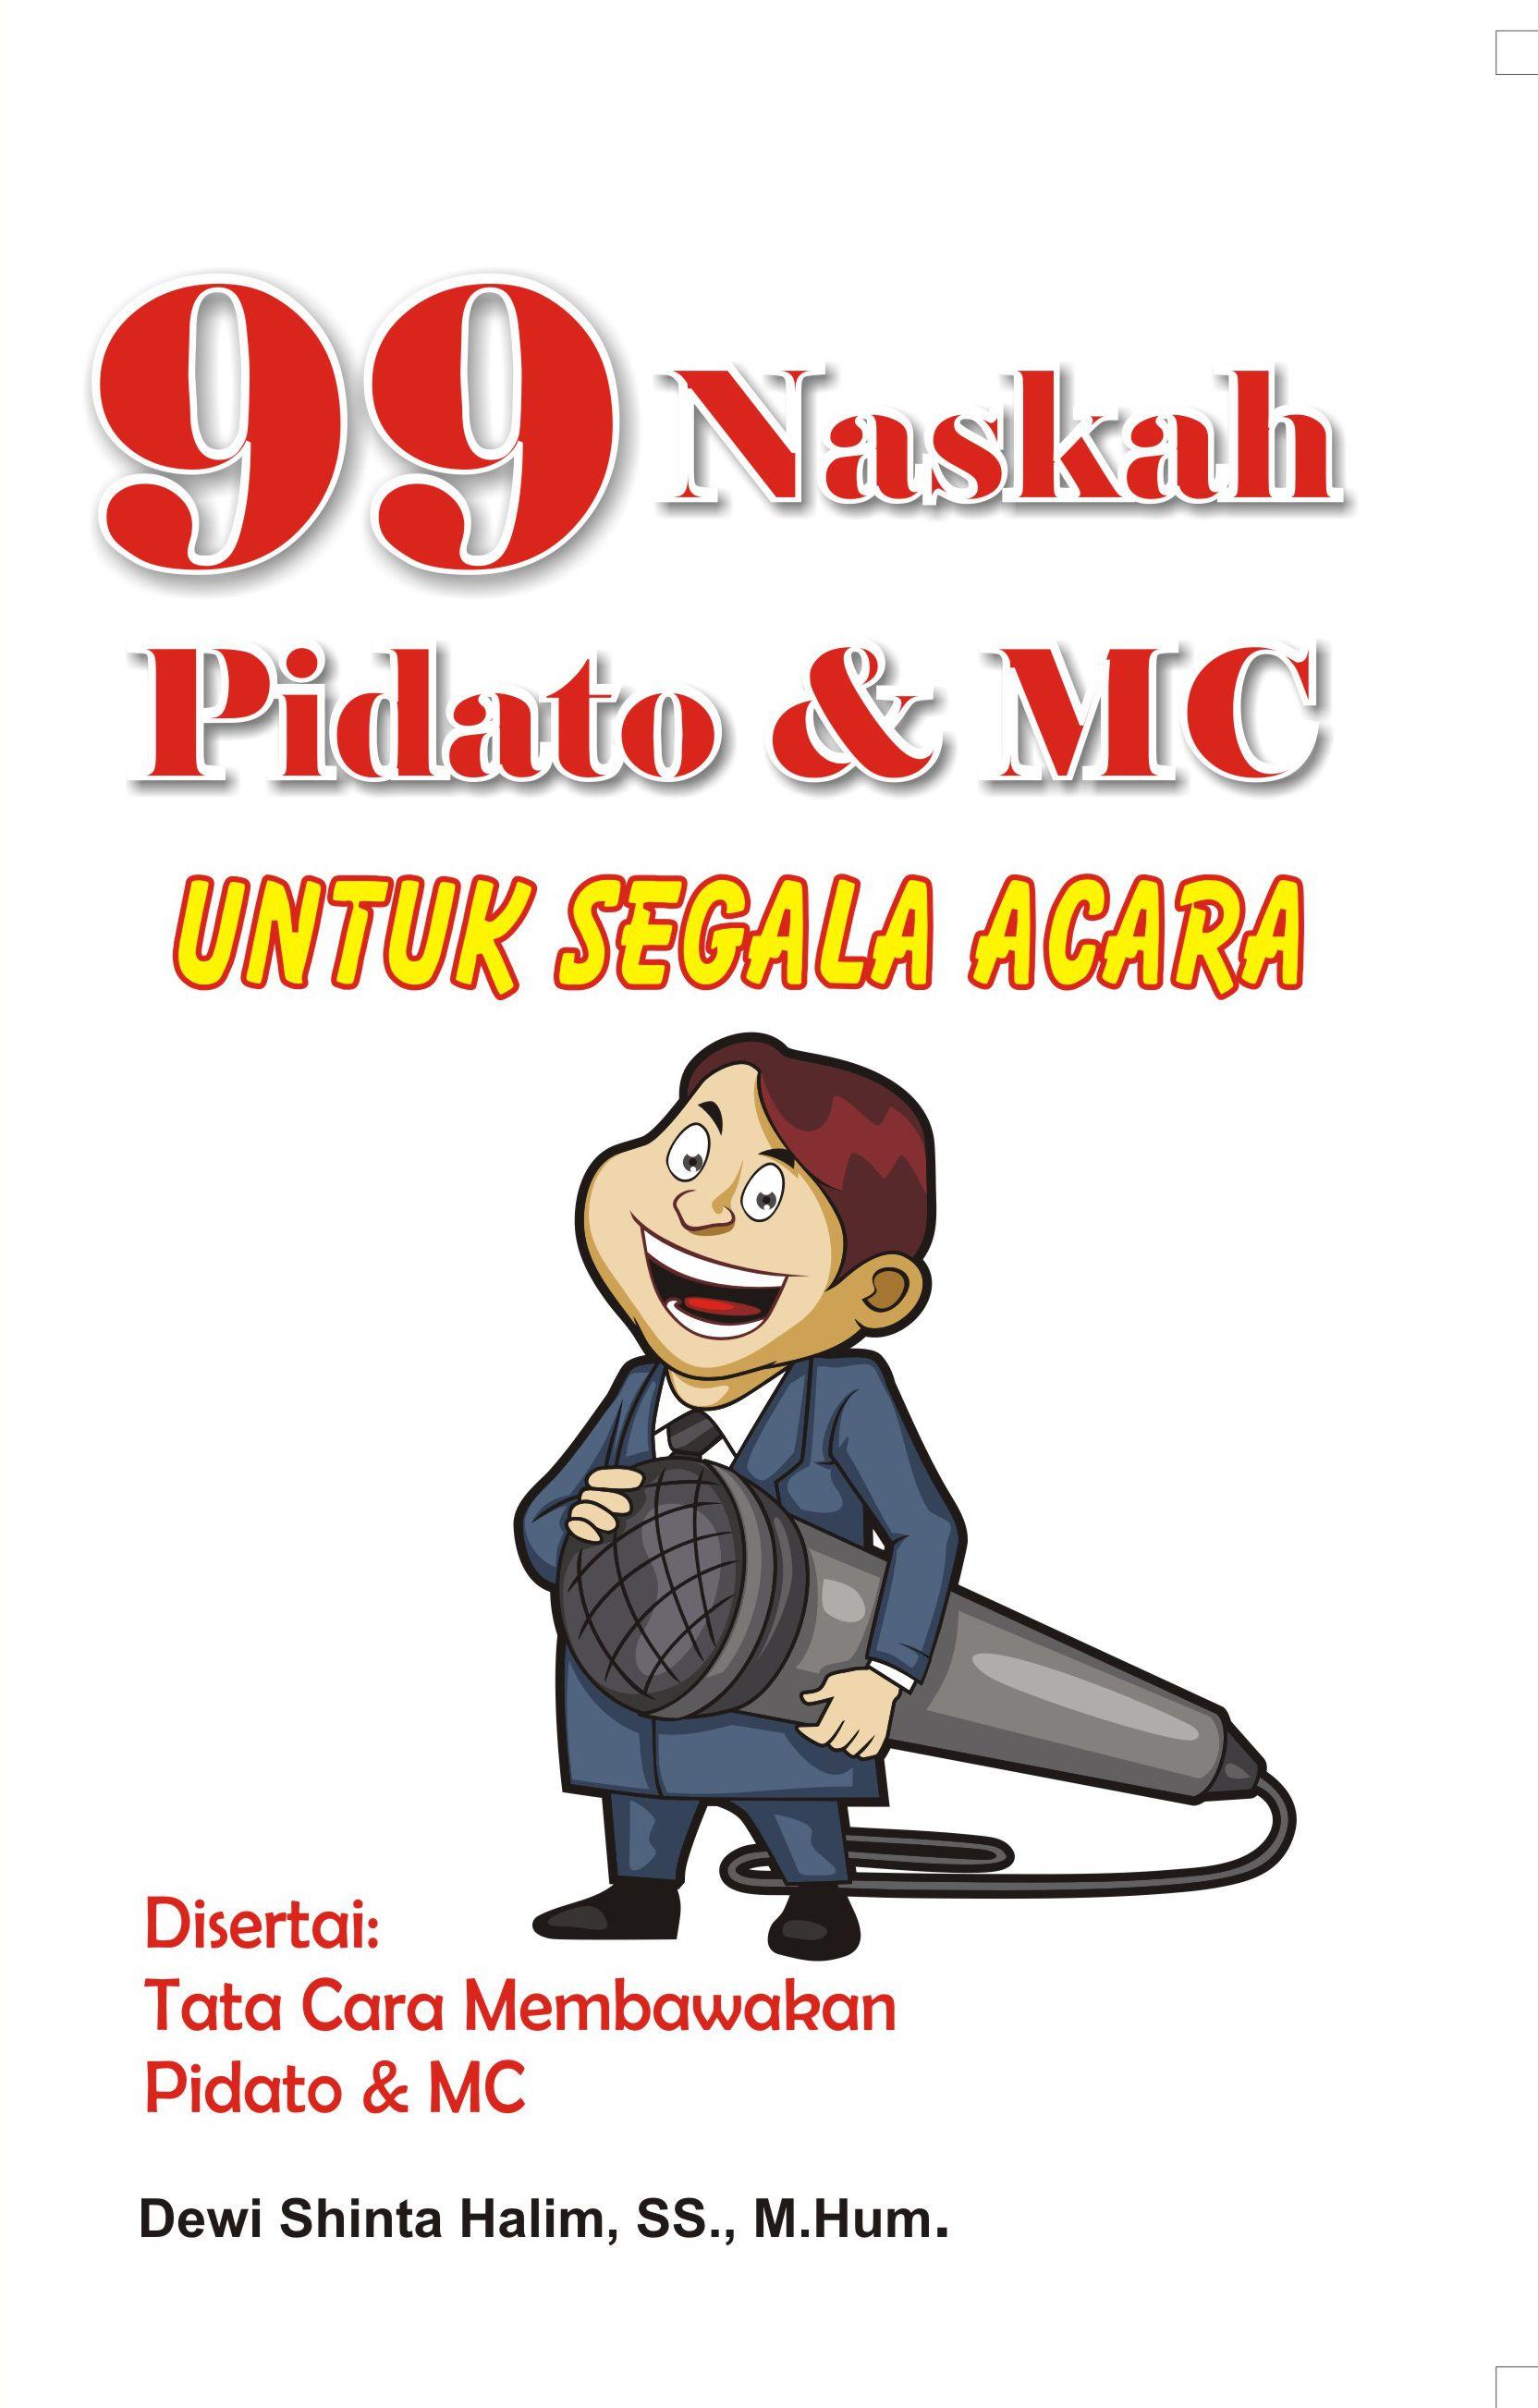 Naskah Pidato dan MC - 99 Naskah Pidato & MC Untuk Segala Acara